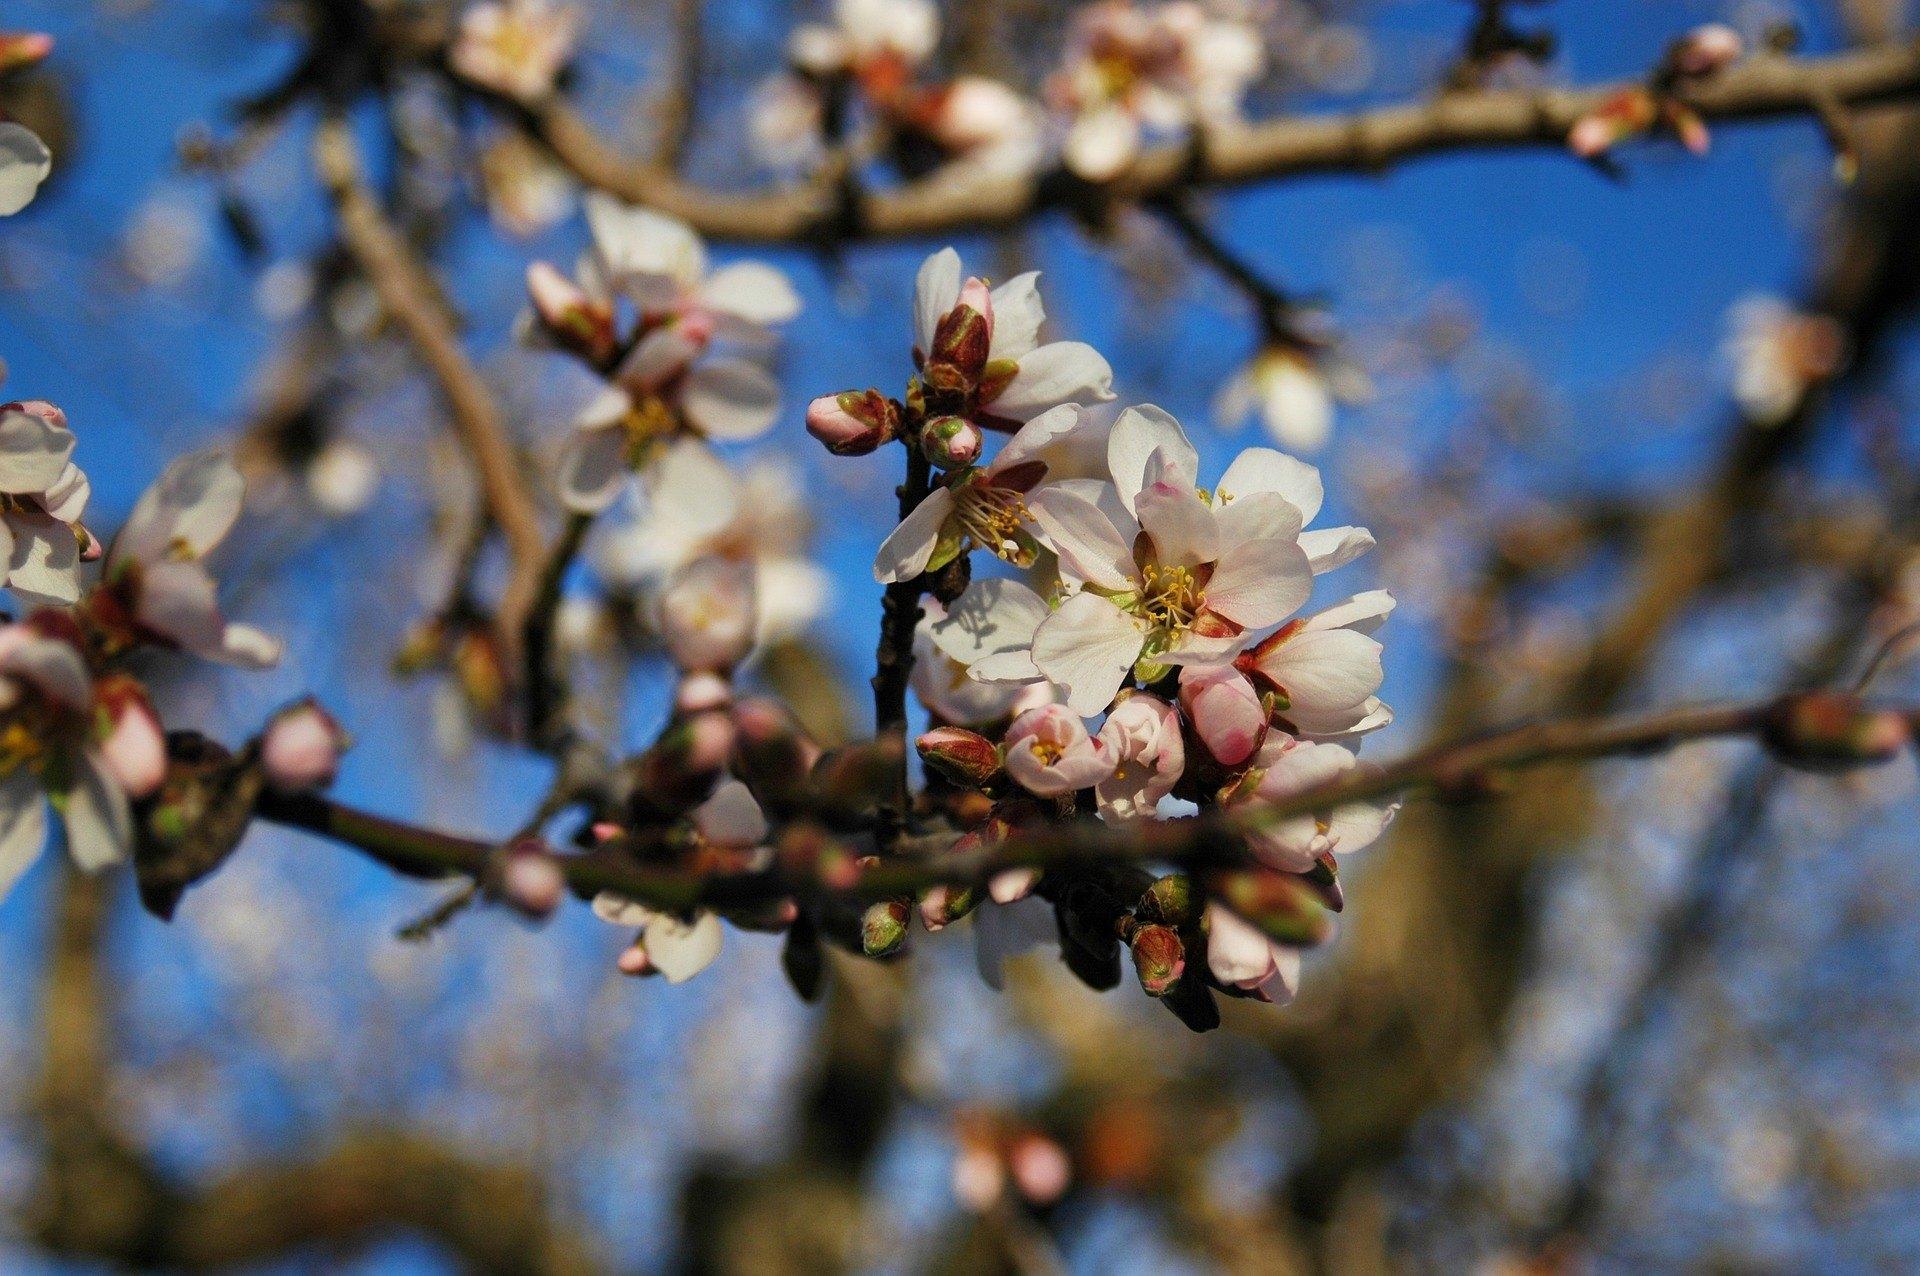 Olej ze słodkich migdałów - hit naturalnej pielęgnacji